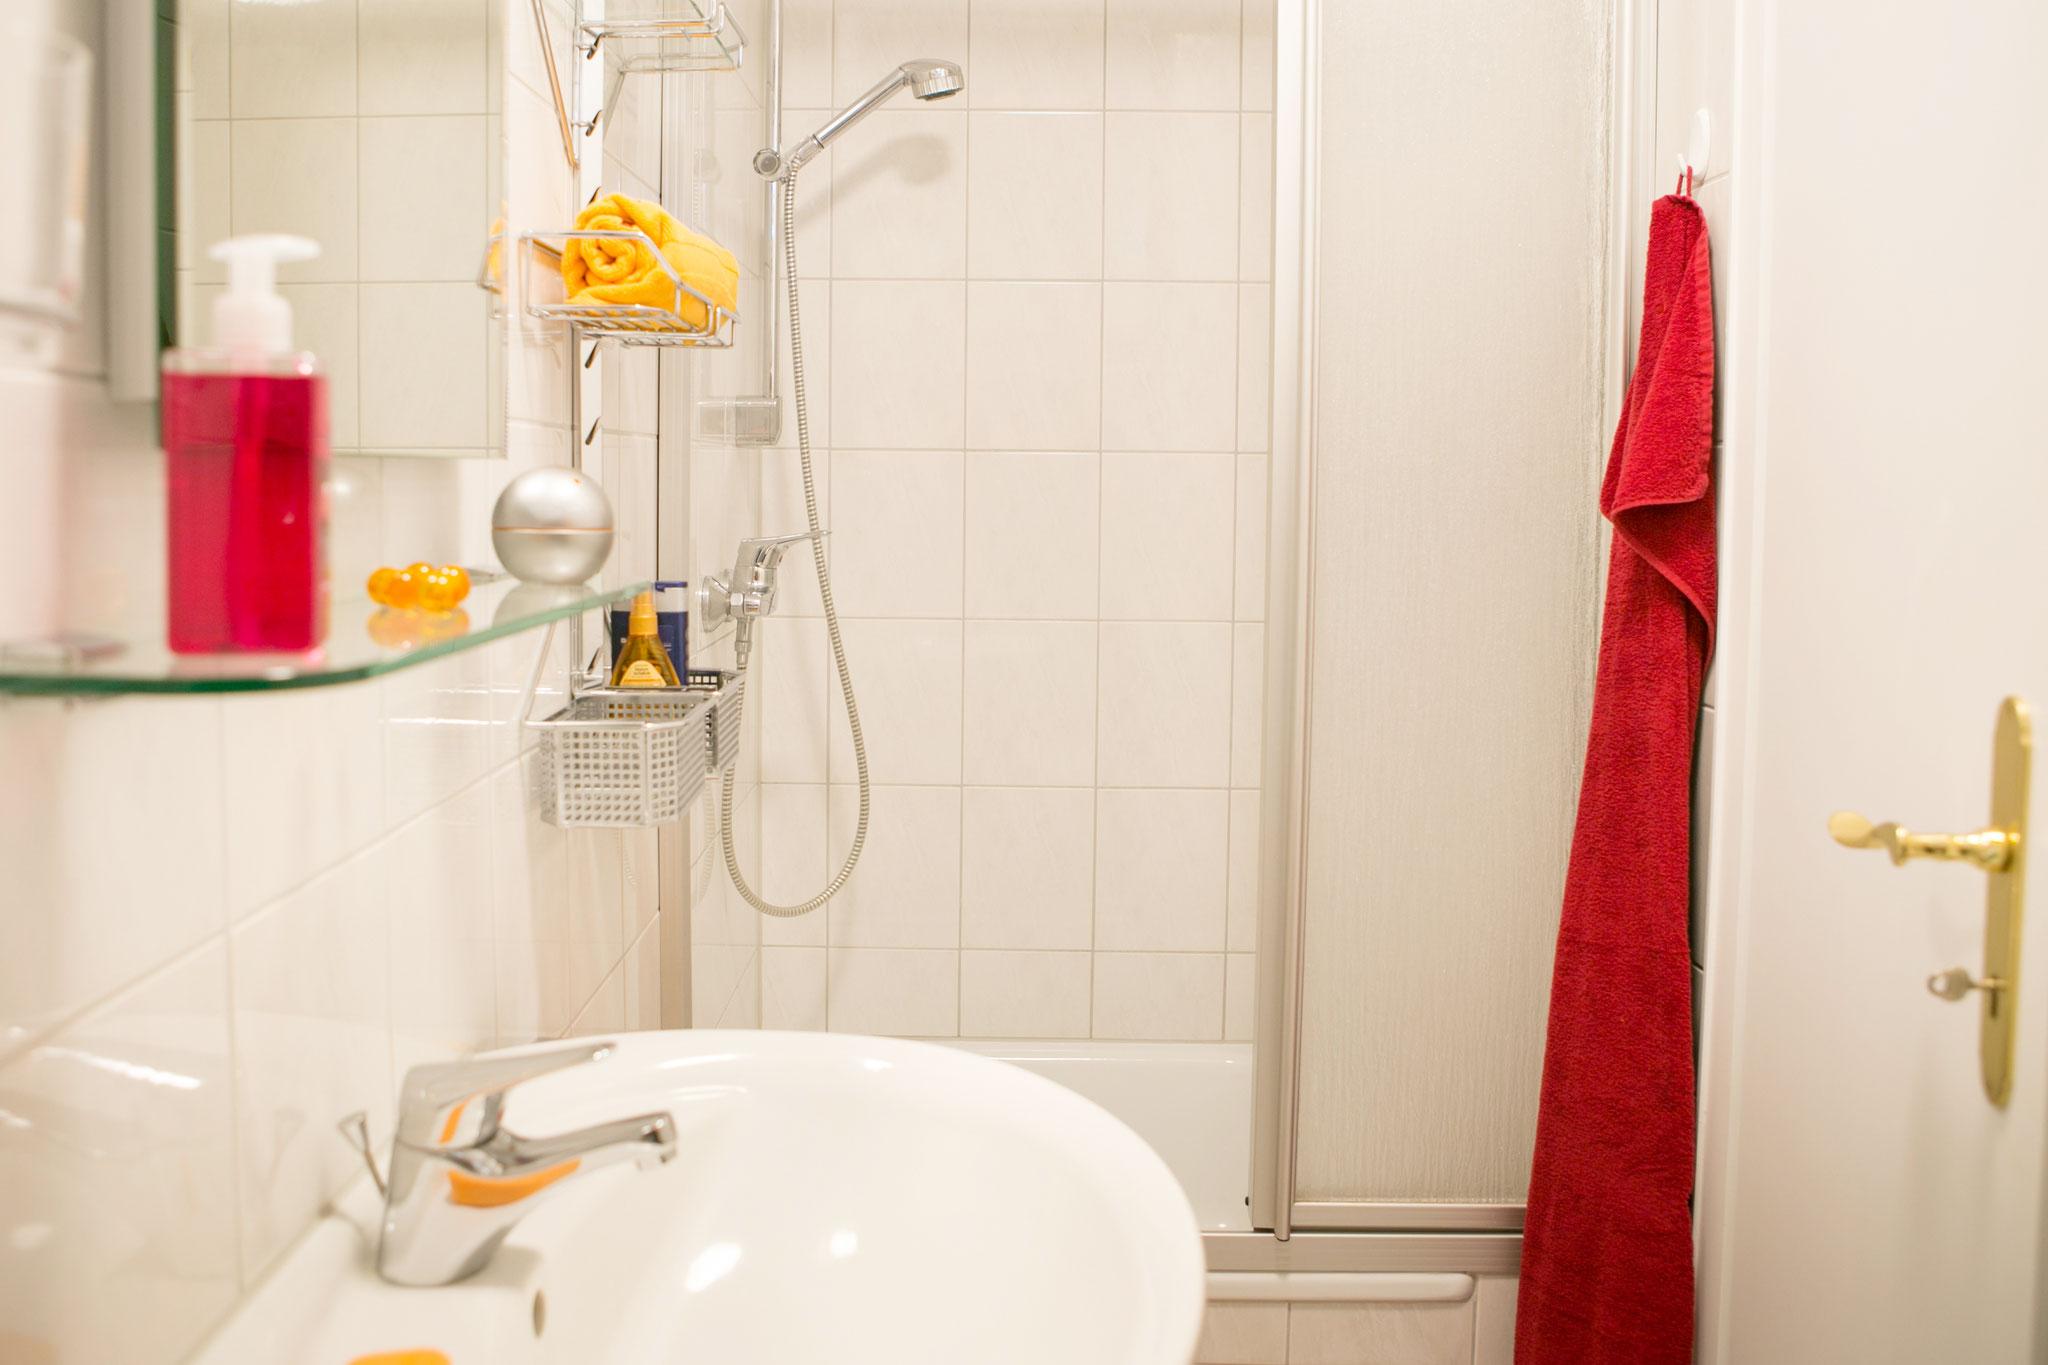 Bad mit schöner Dusche